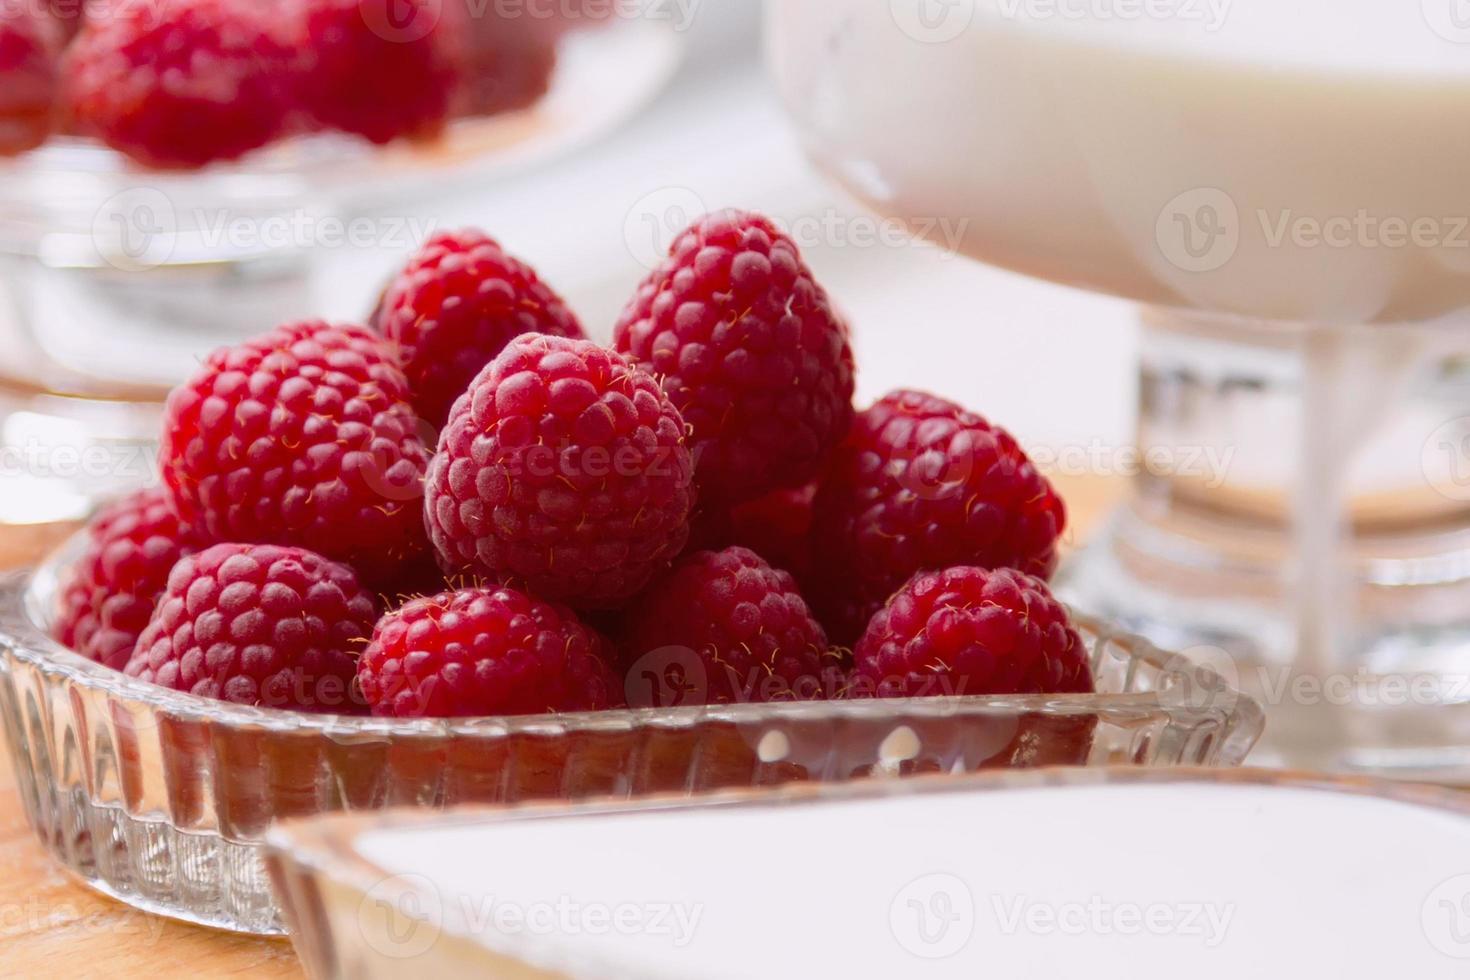 ingredientes: framboesas, leite, creme foto